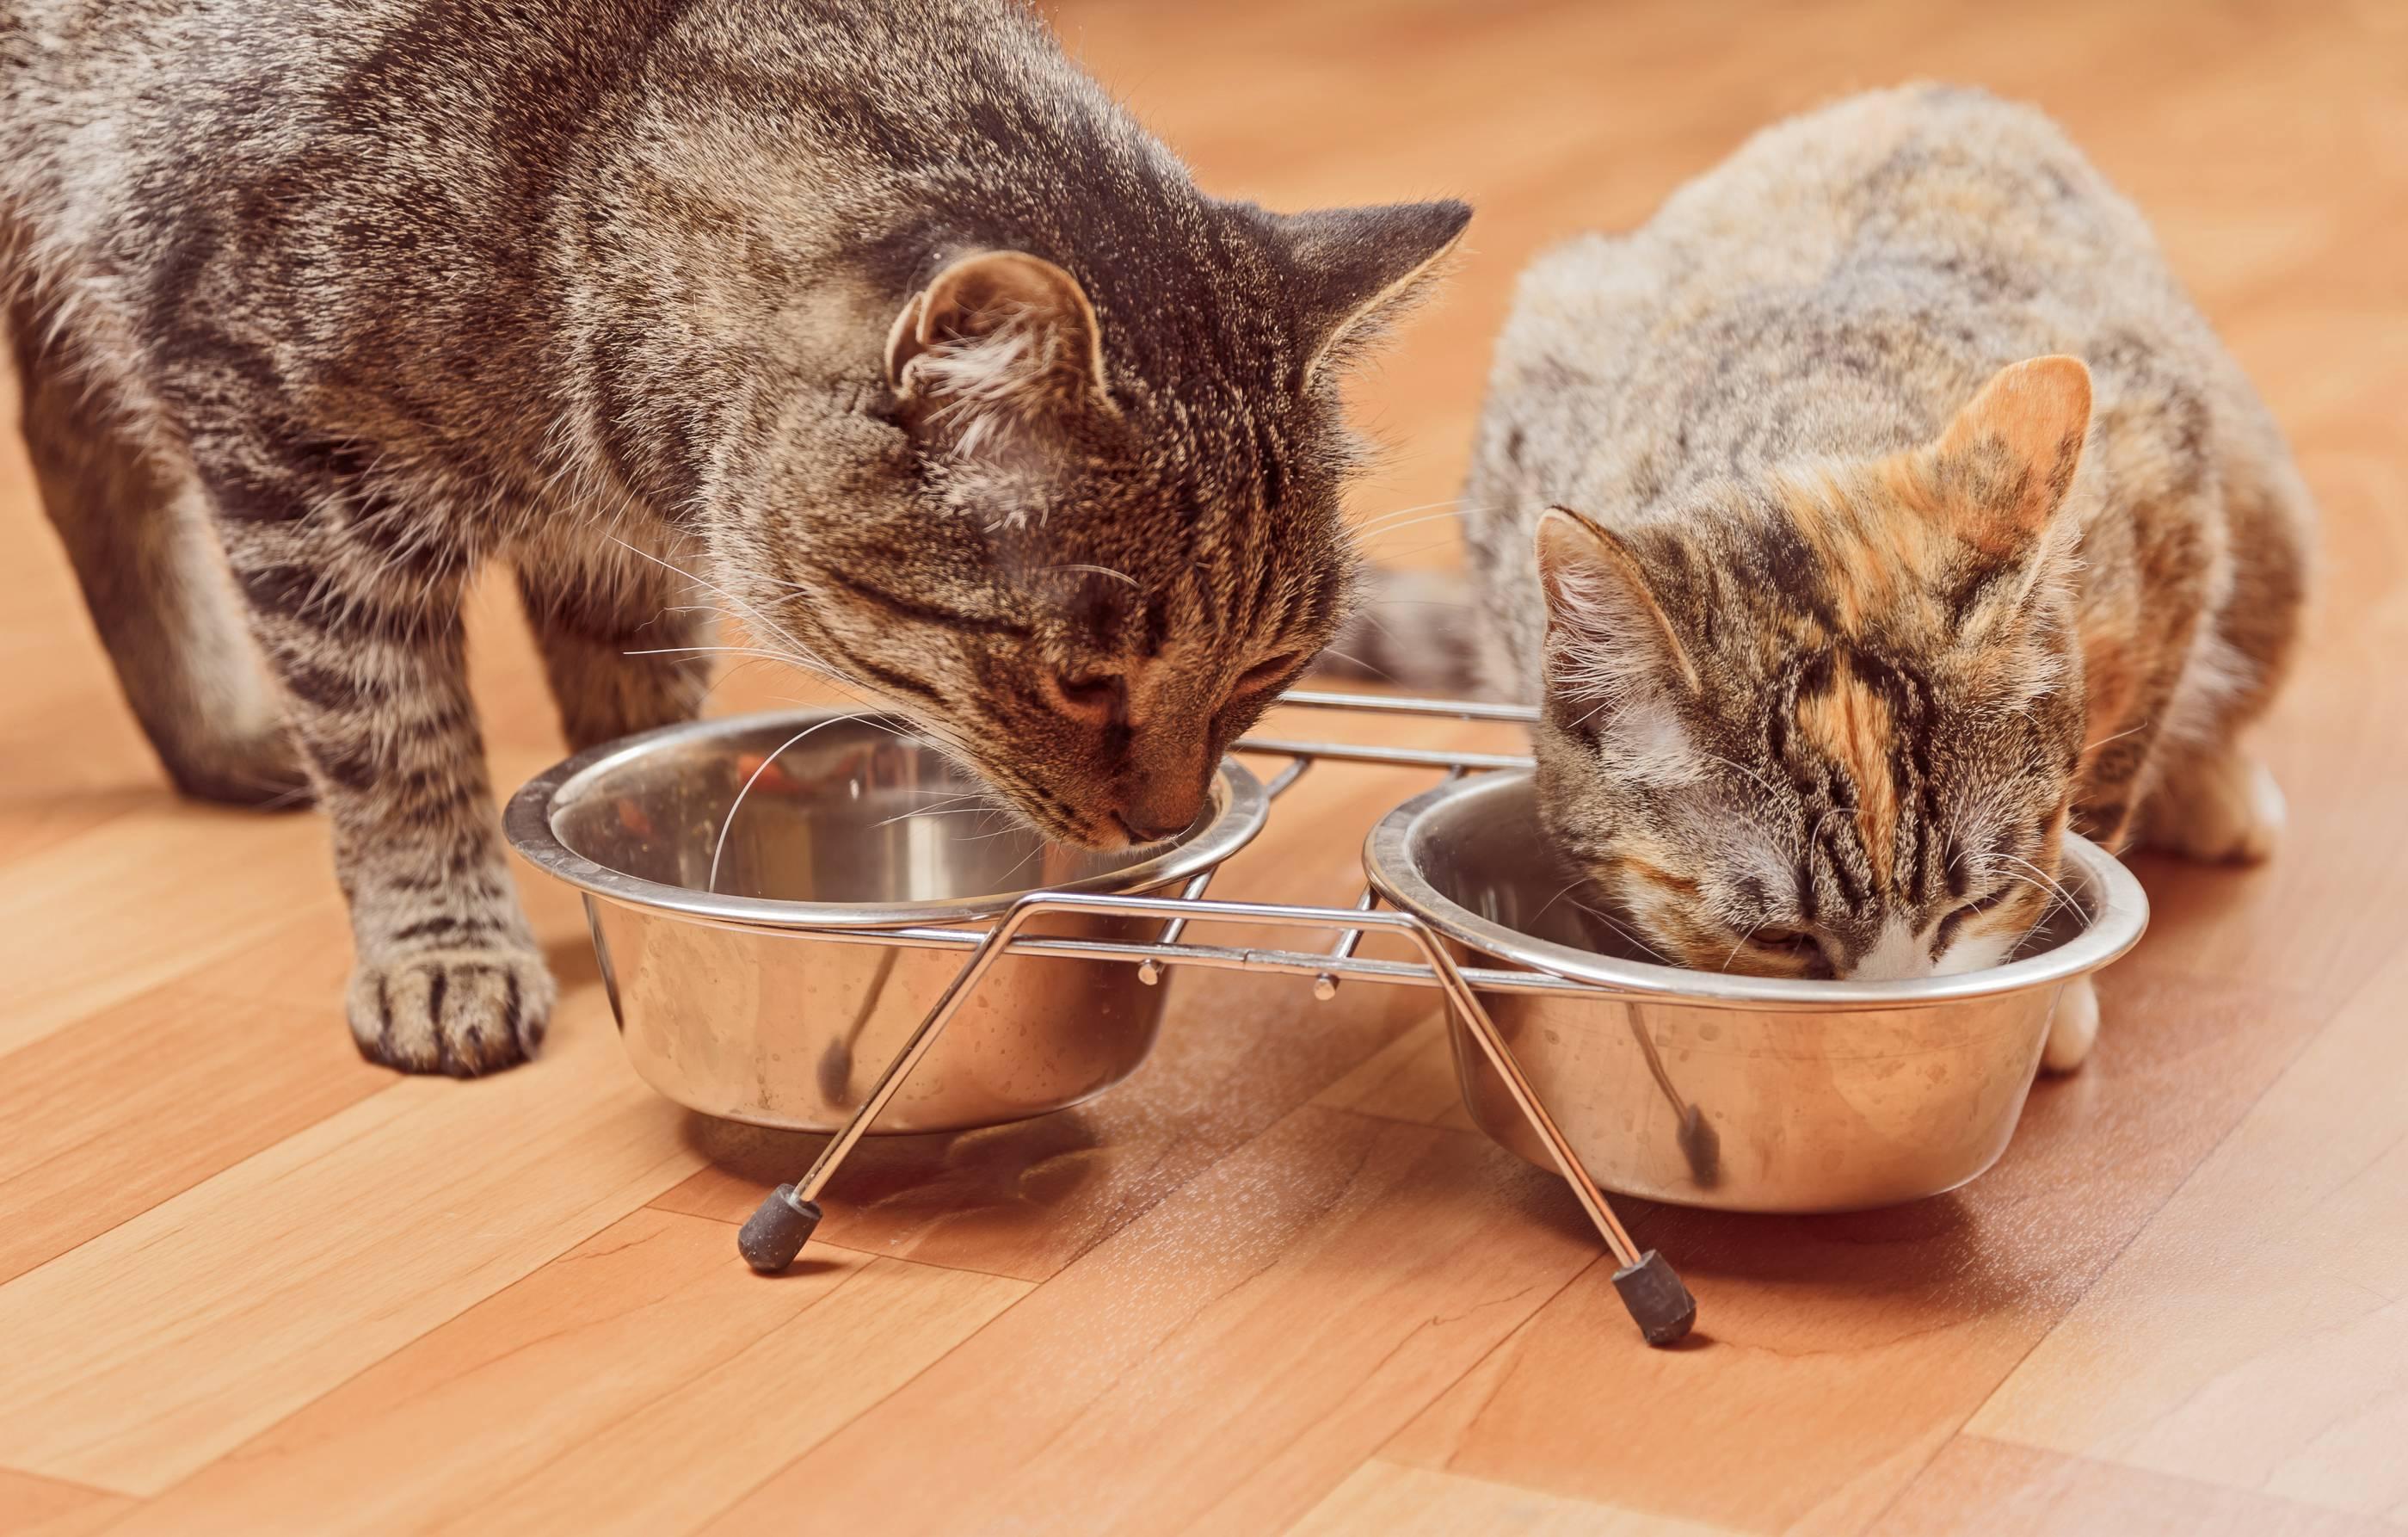 Почему кошка закапывает миску с едой